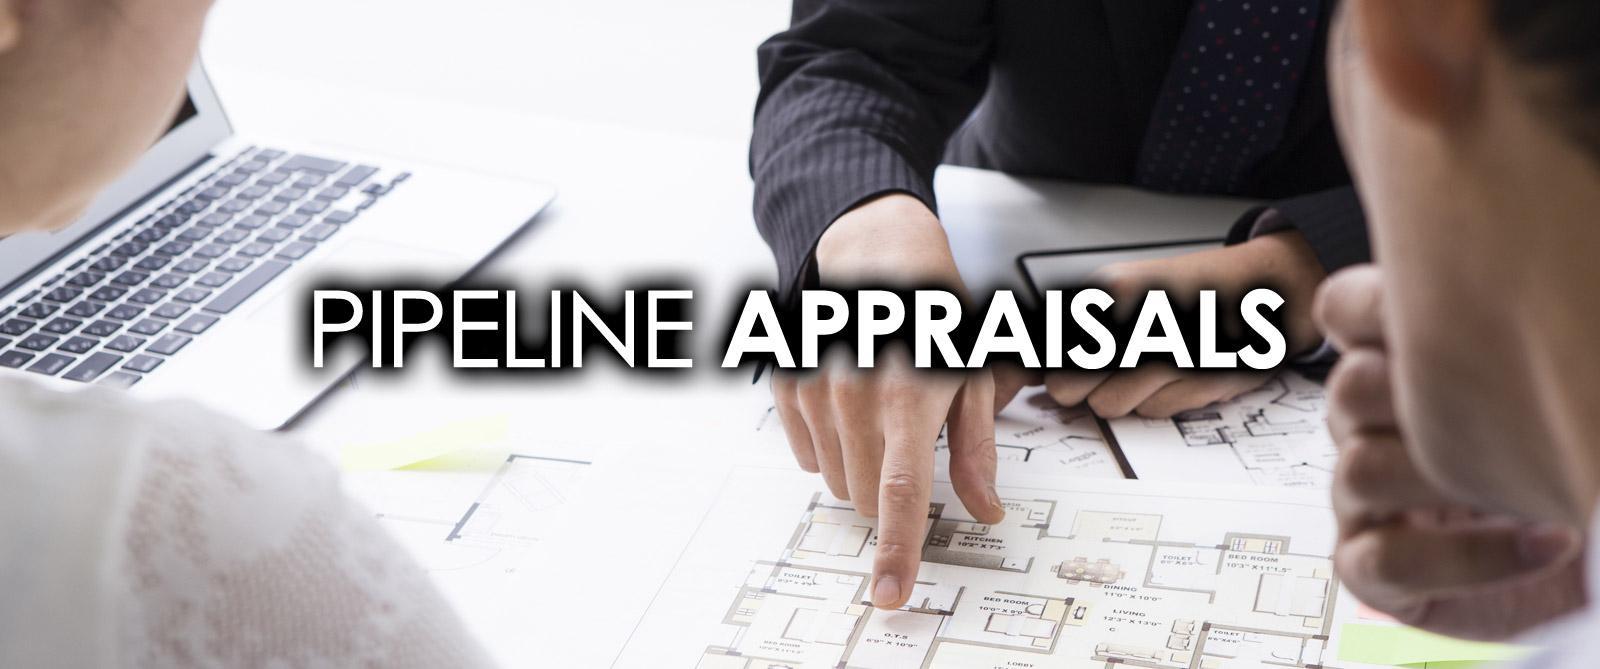 pipeline appraisals